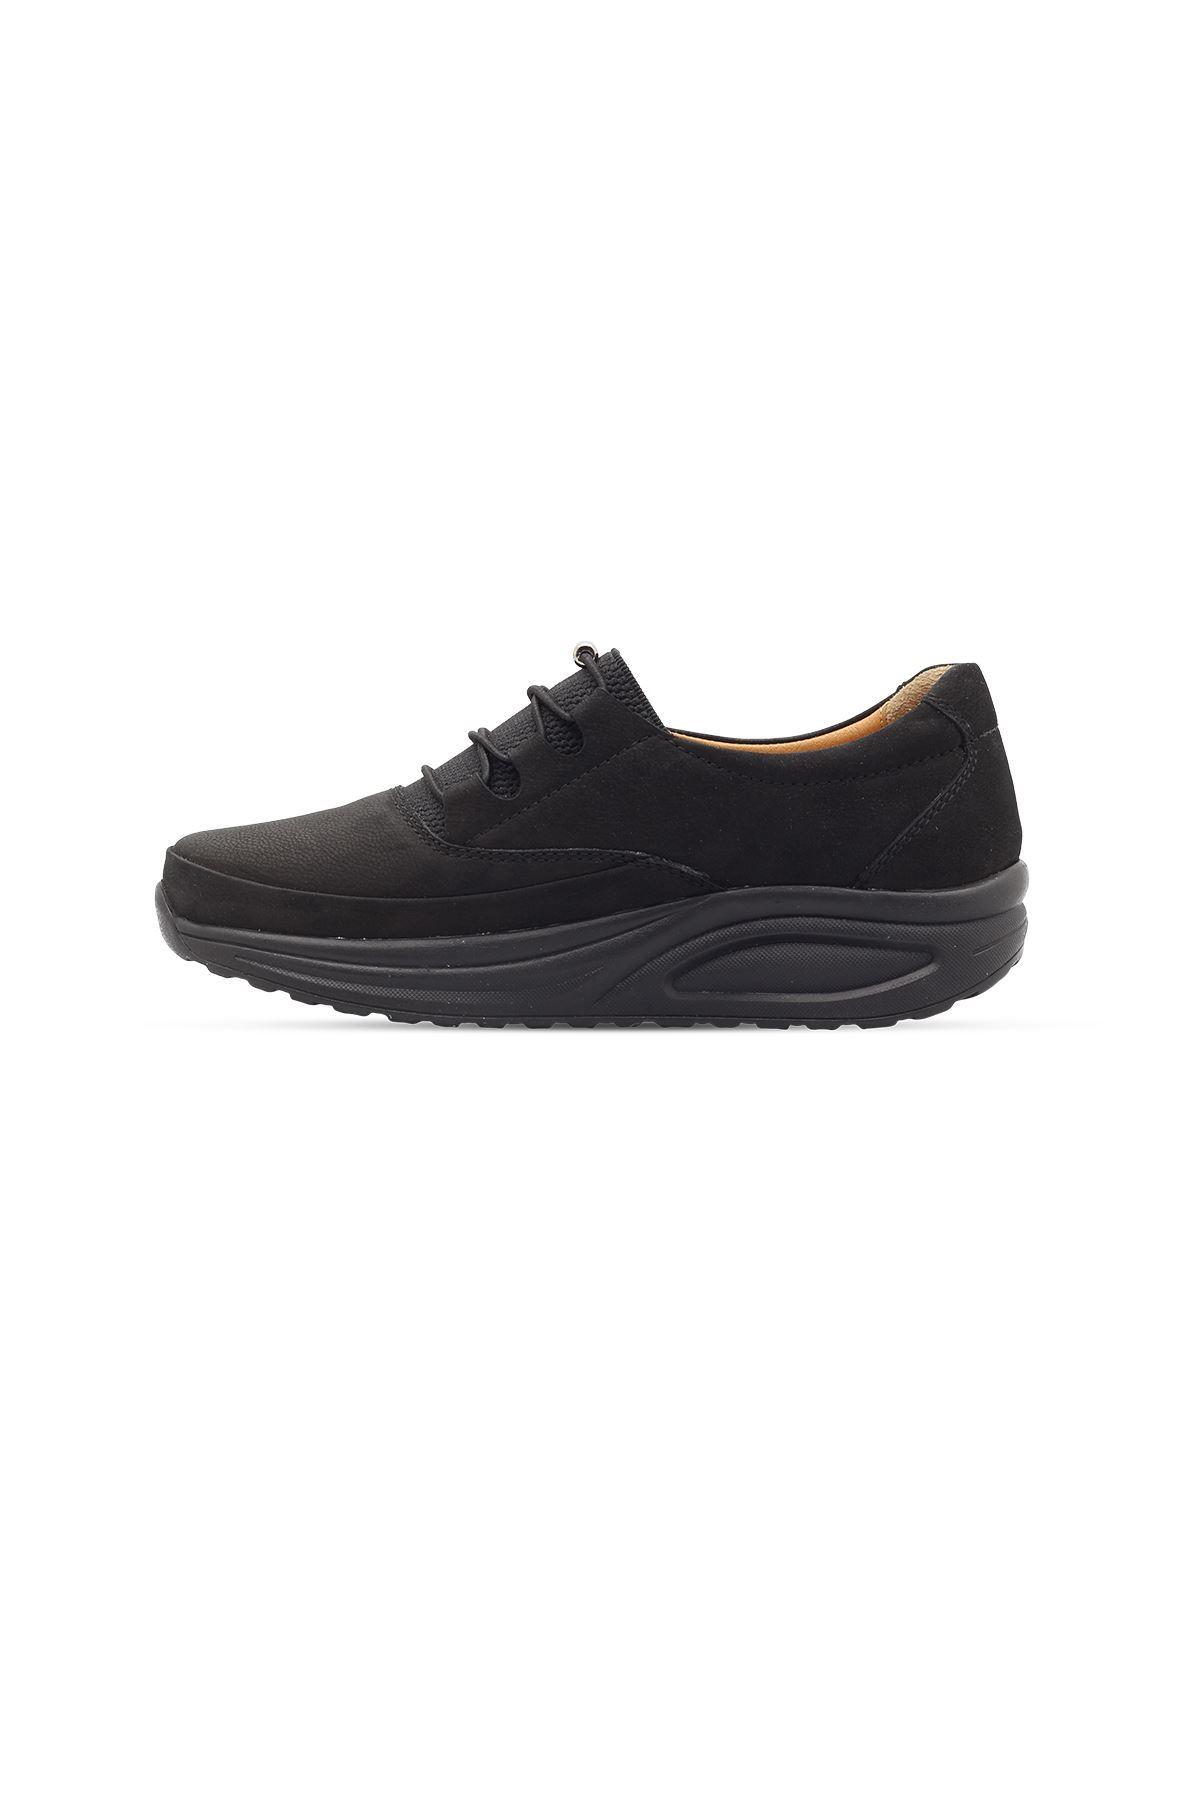 855 Nubuk Siyah Kadın Yürüyüş Ayakkabısı